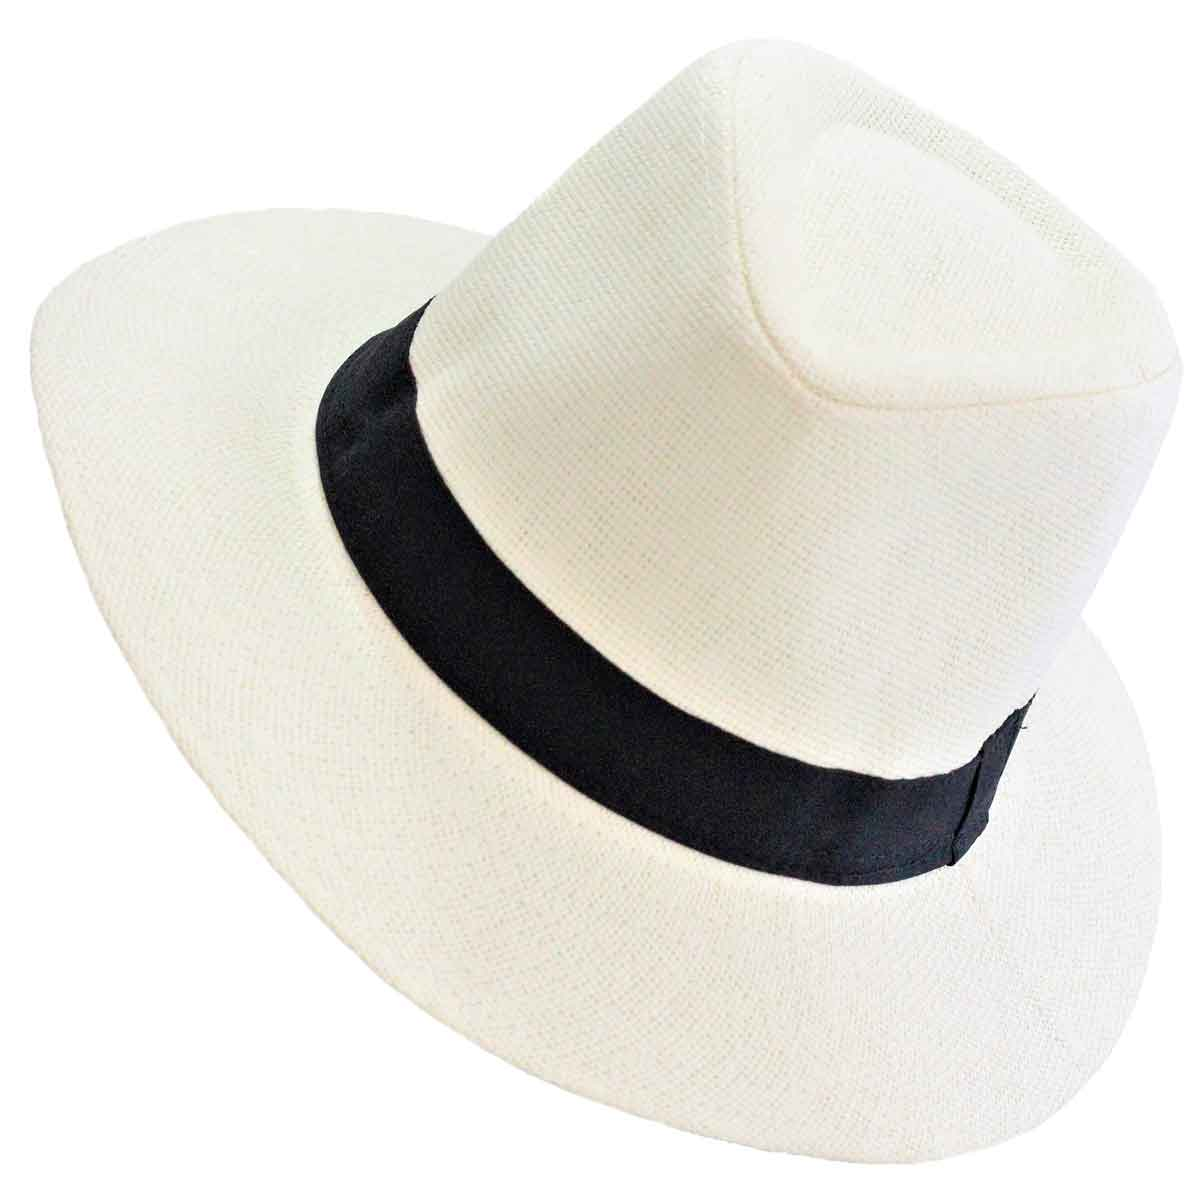 Inka-Products-Chapeau TOQUILLA-Paille avec Bandeau Noir